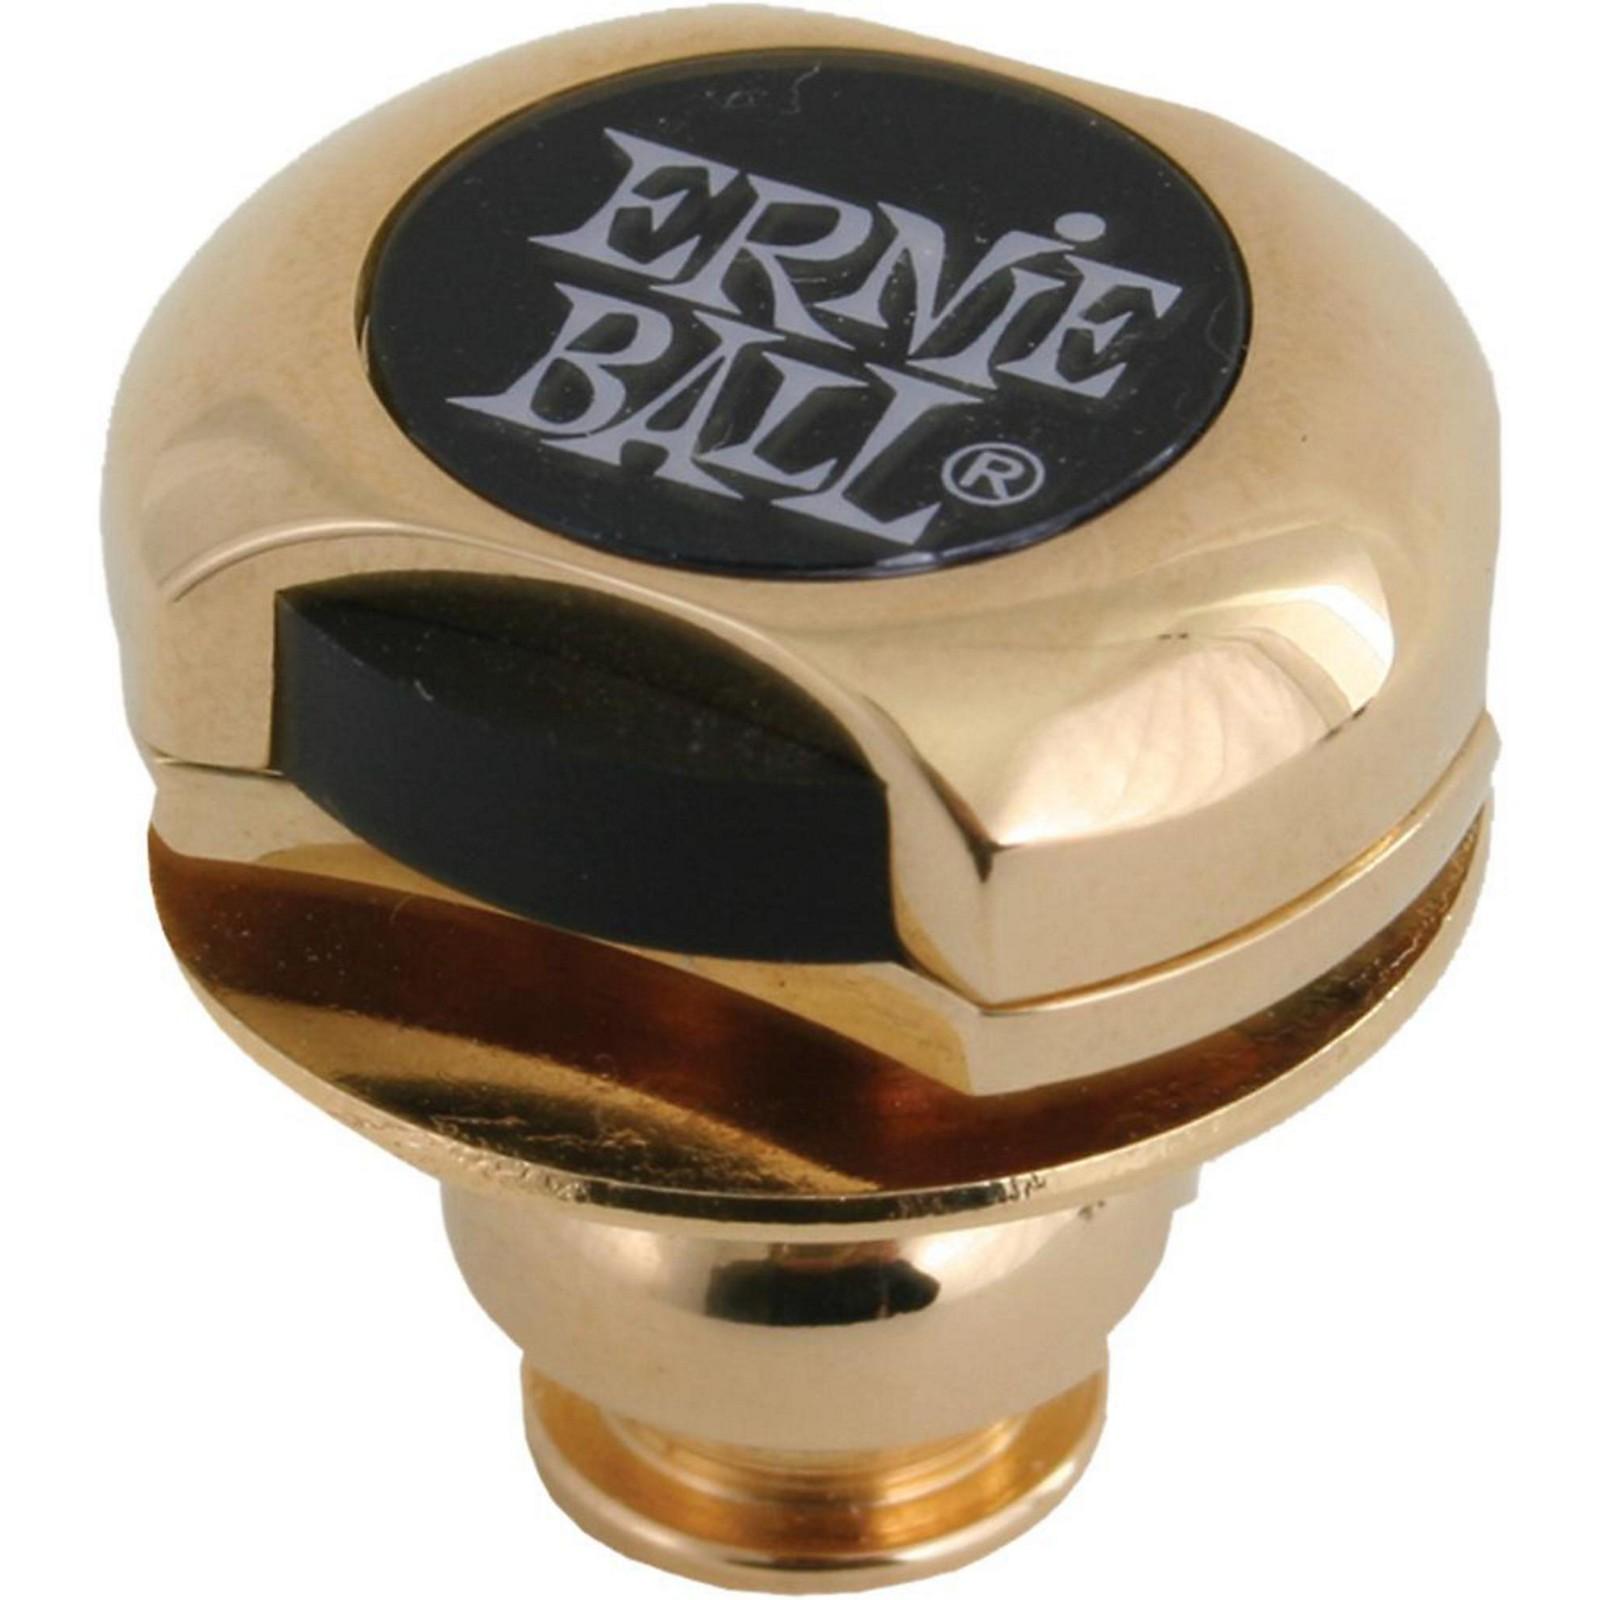 Ernie Ball Super Locks